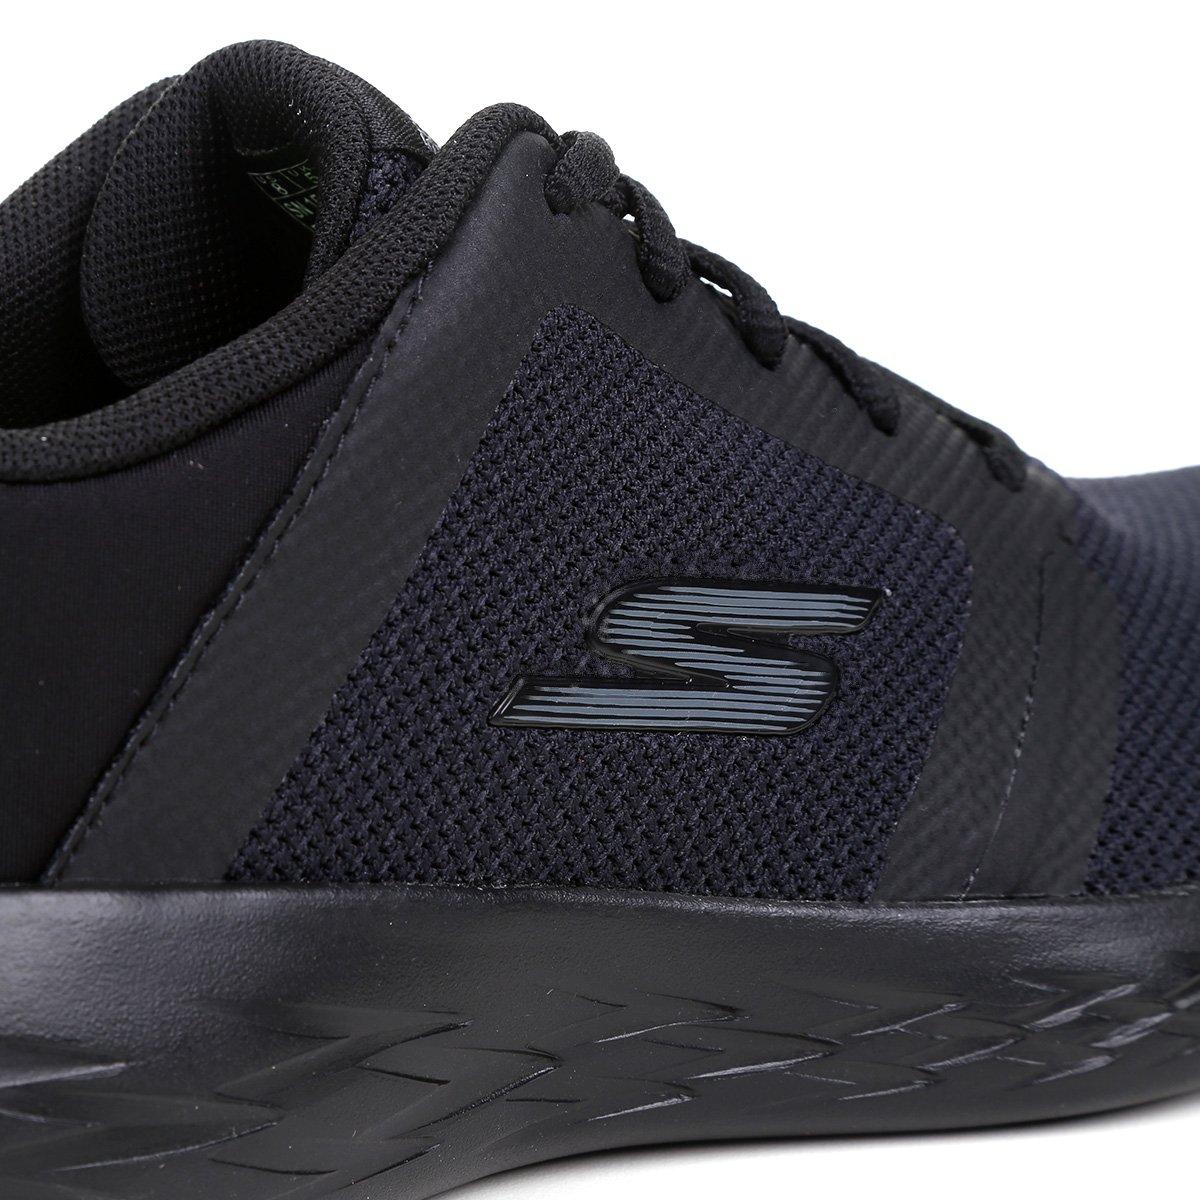 da22d1db98 955d2713860956  Tênis Skechers Go Run 600 Feminino - Compre Agora Zattini  dfd36d74633792 ...